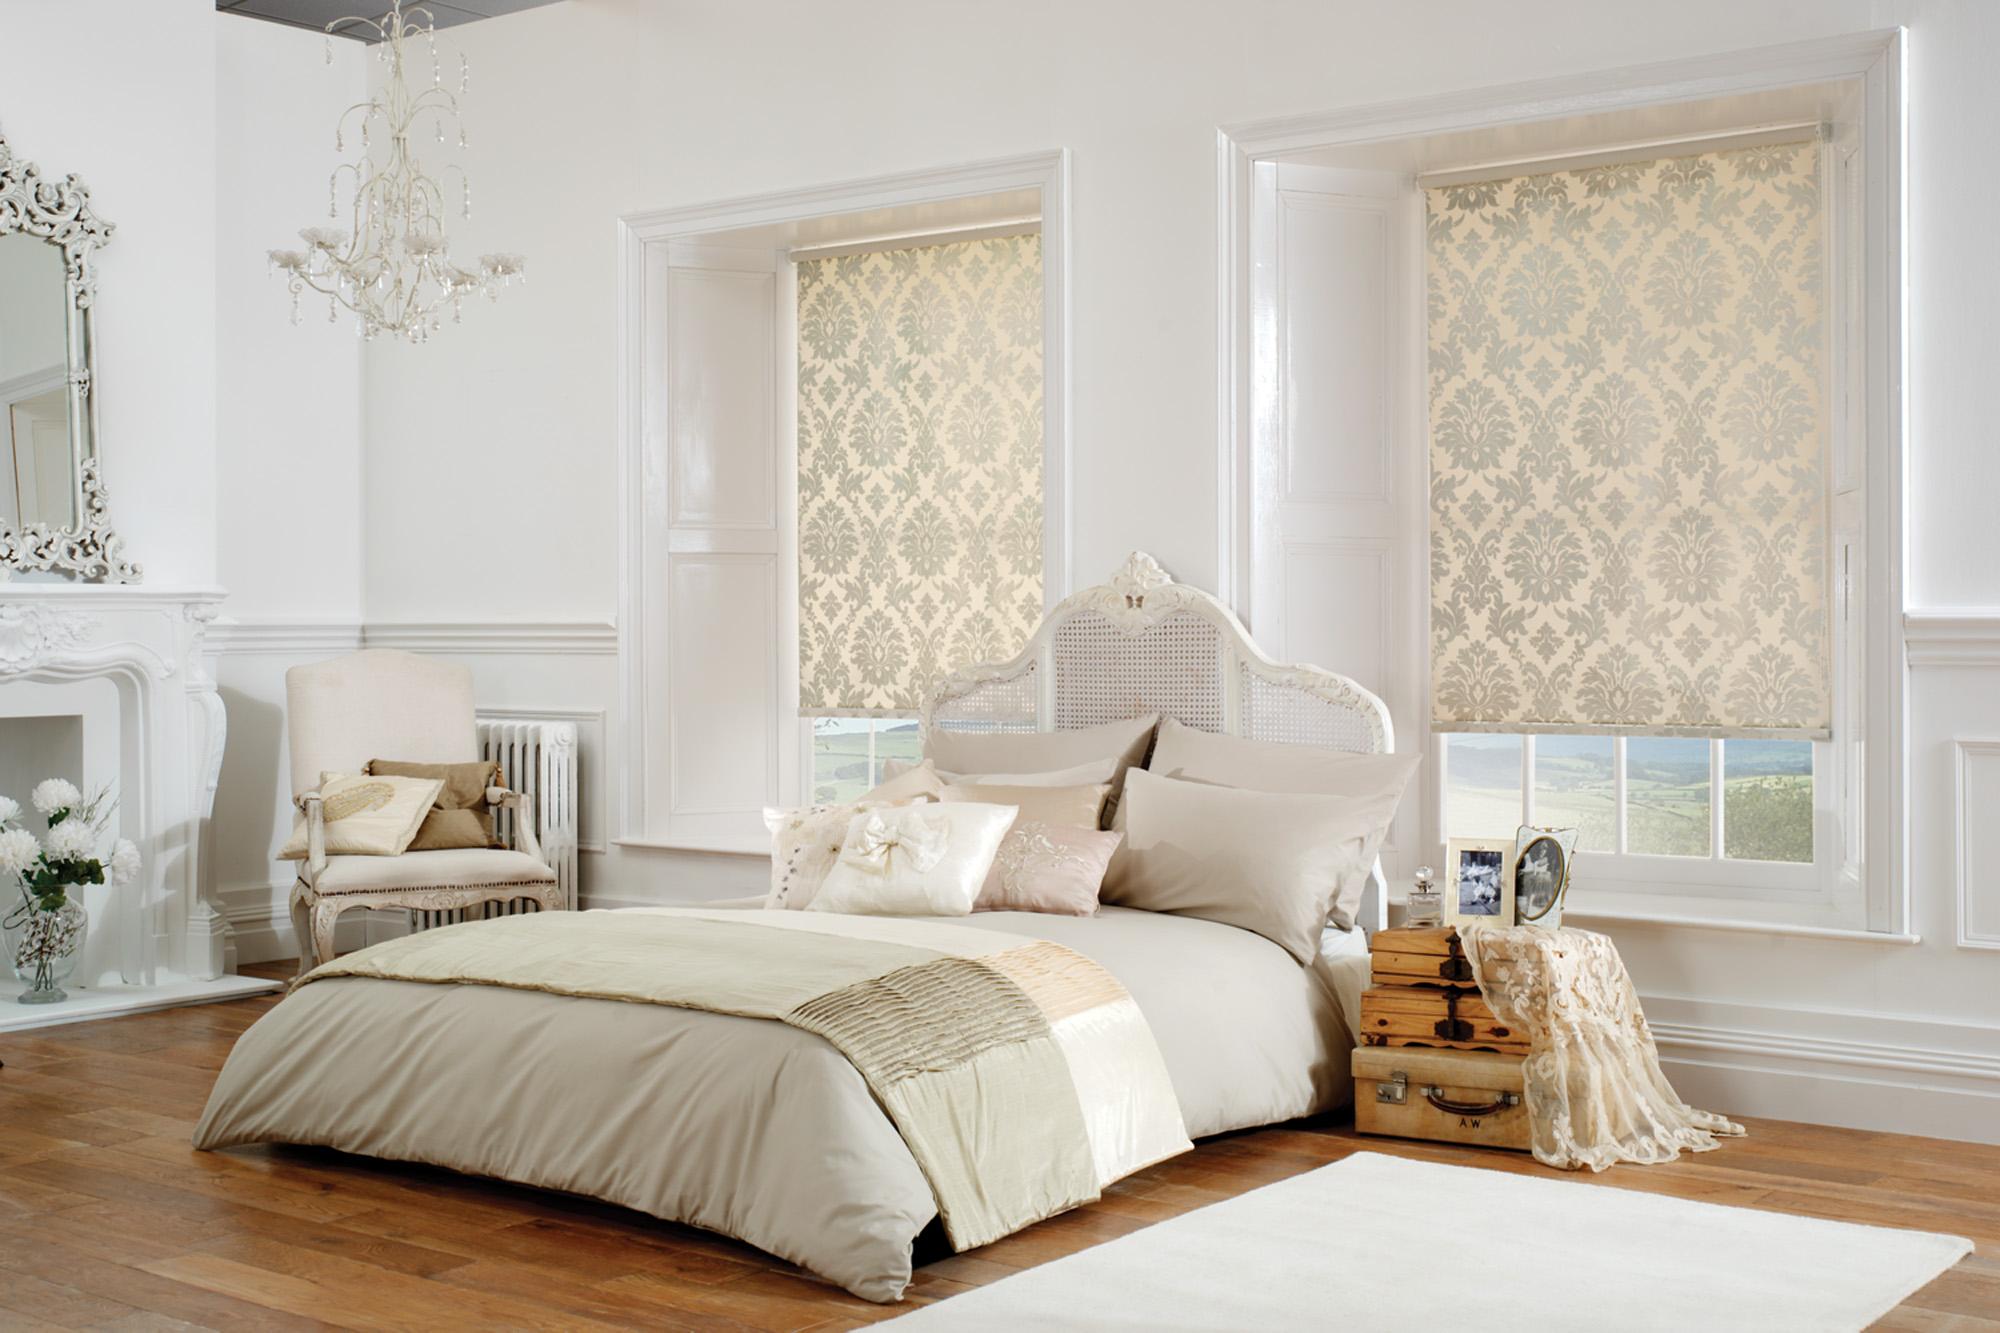 Рулонные шторы с классическим рисунком в спальне